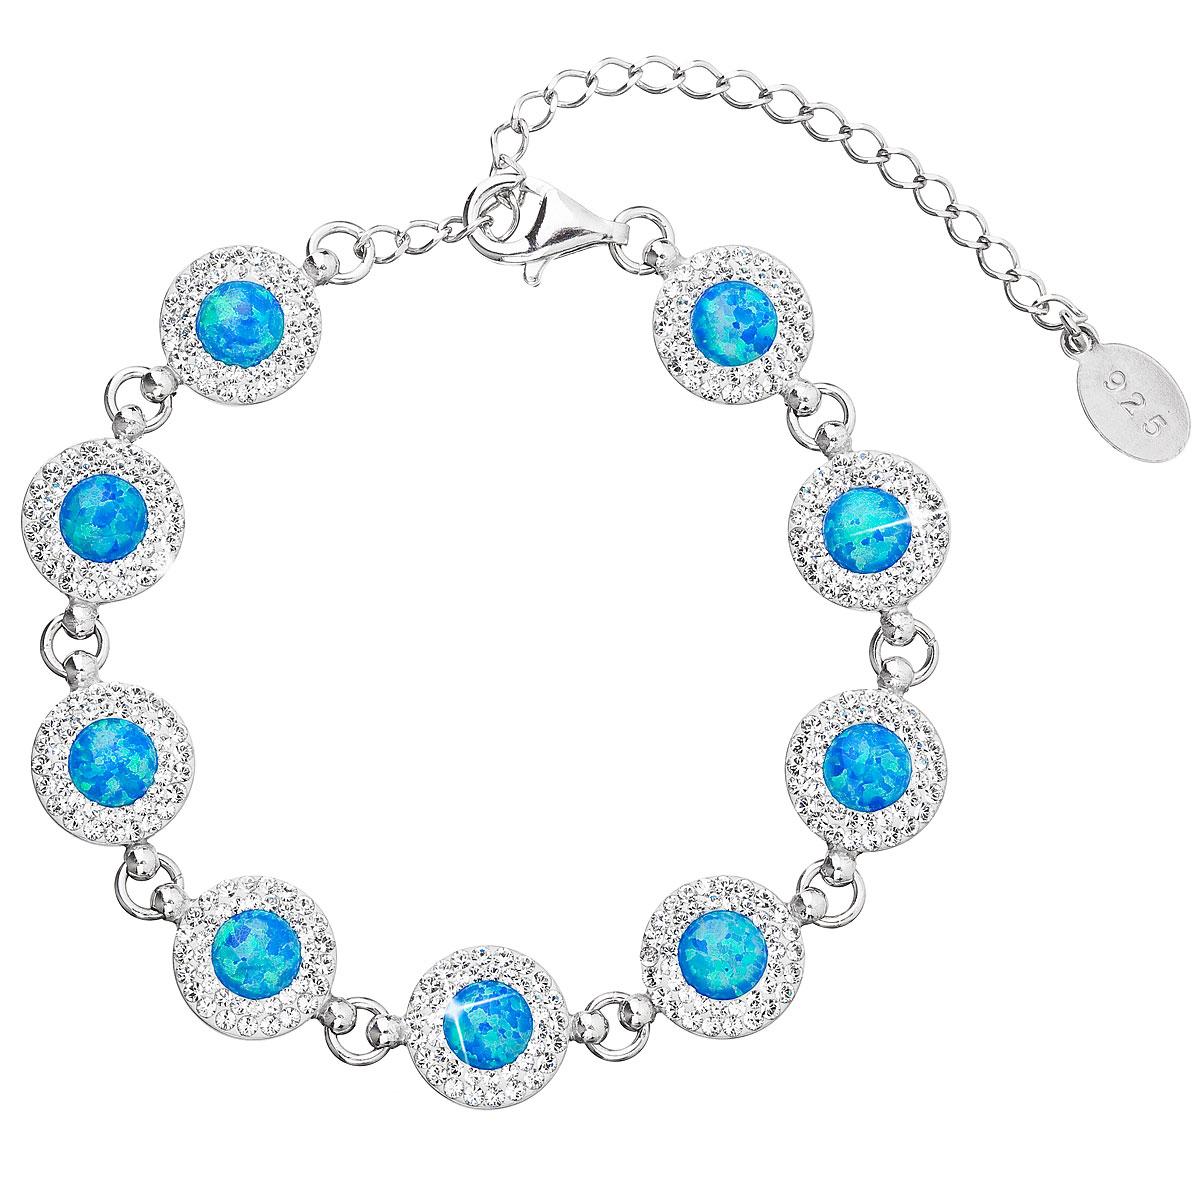 Evolution Group Stříbrný náramek se syntetickým opálem a krystaly Swarovski modrý 33105.1